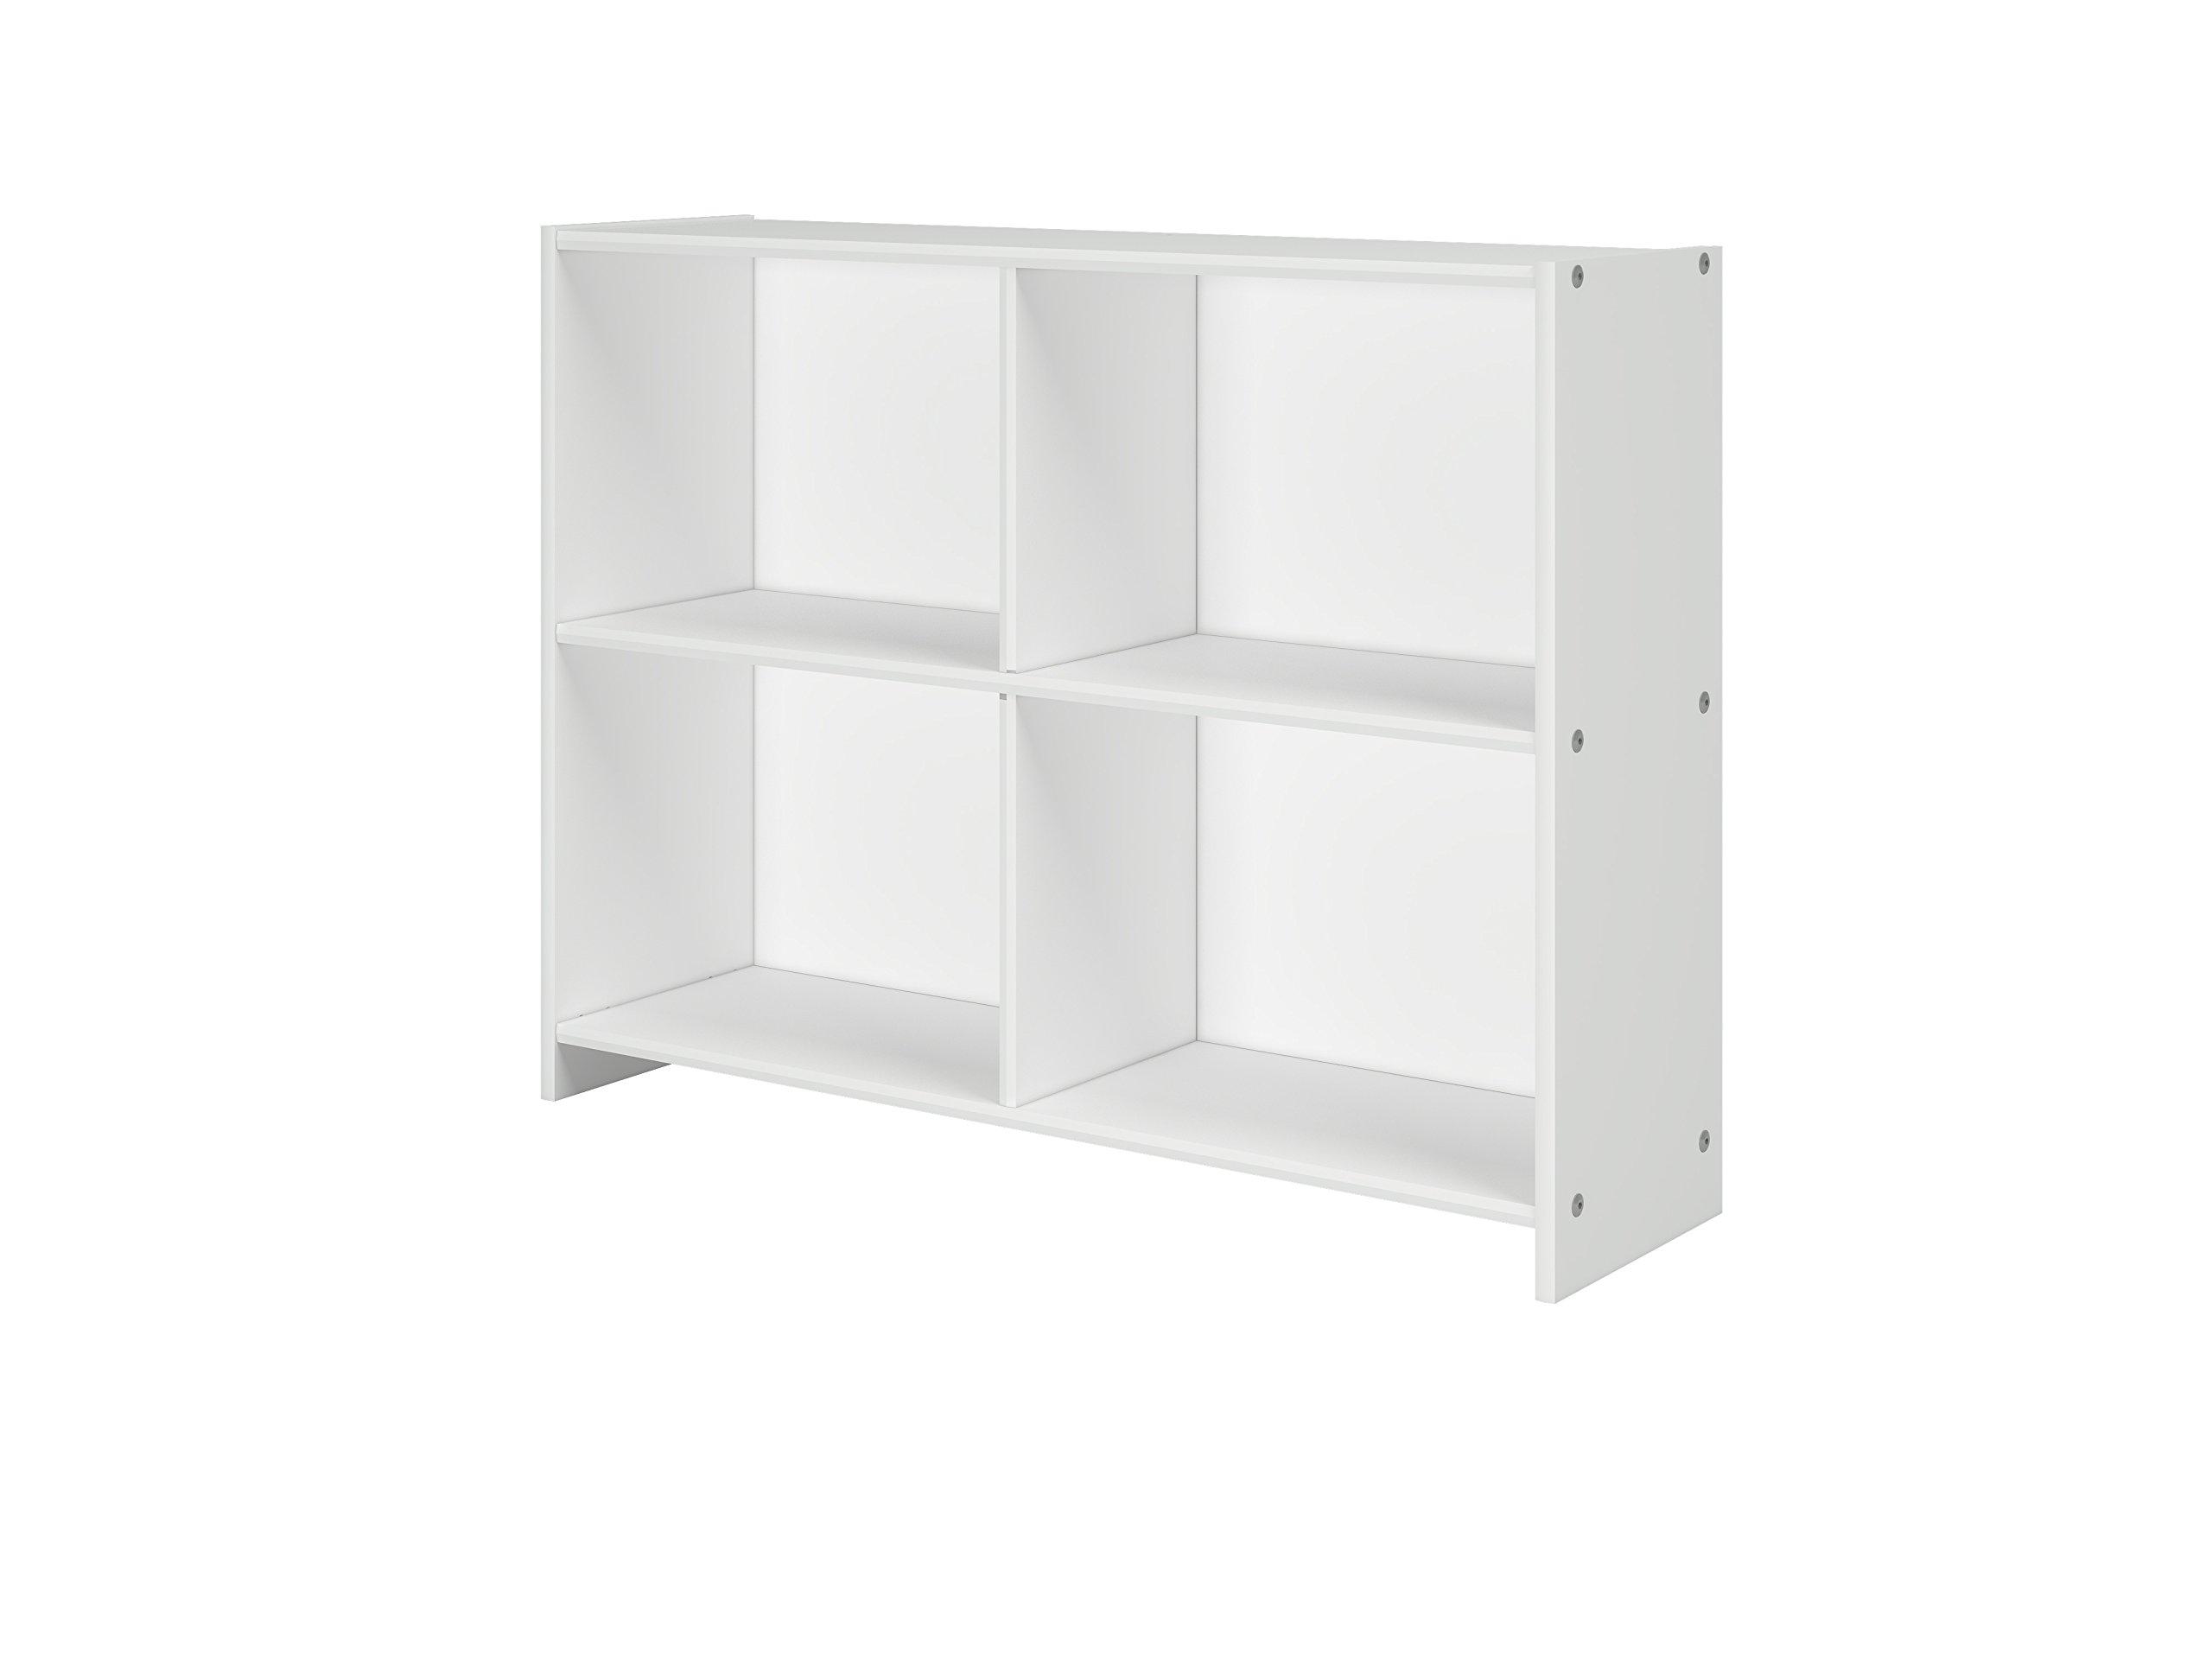 DONCO KIDS White Bookcase